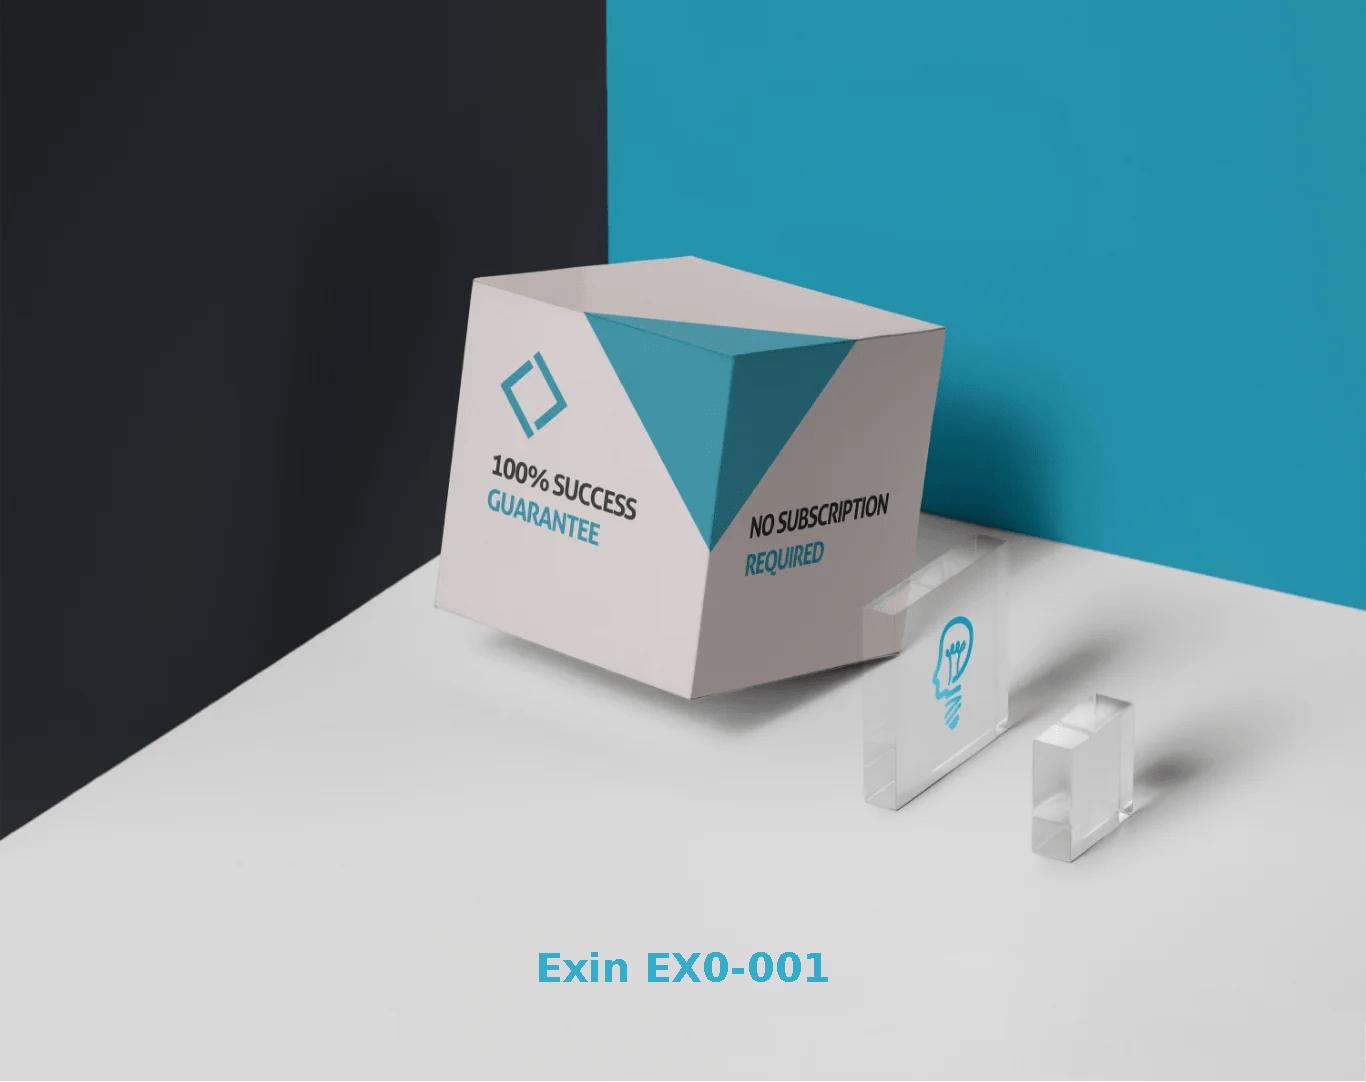 Exin EX0-001 Exams